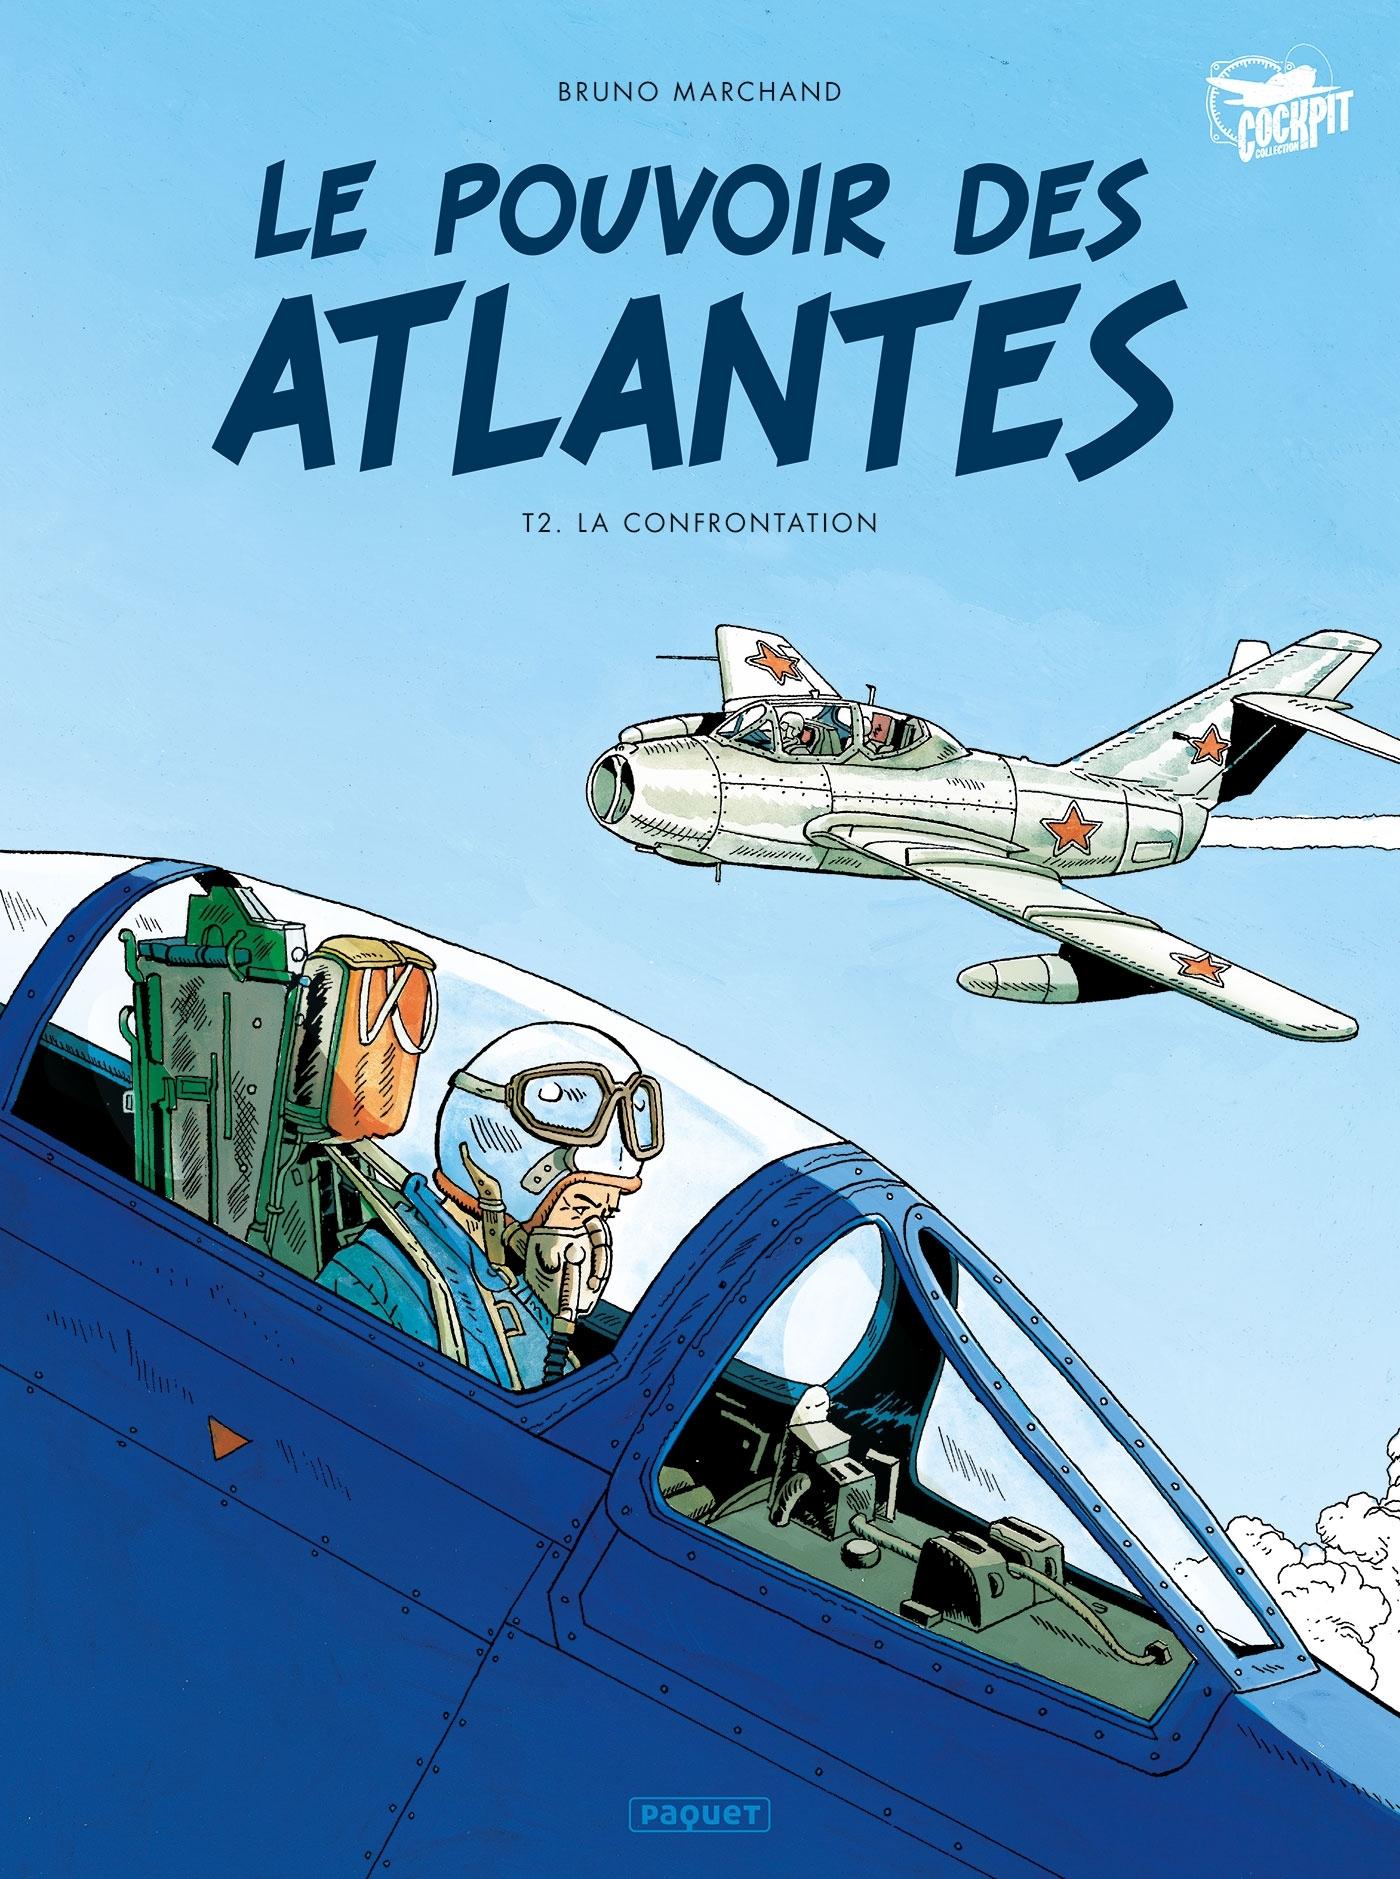 LE POUVOIR DES ATLANTES T2 - L'AFFRONTEMENT